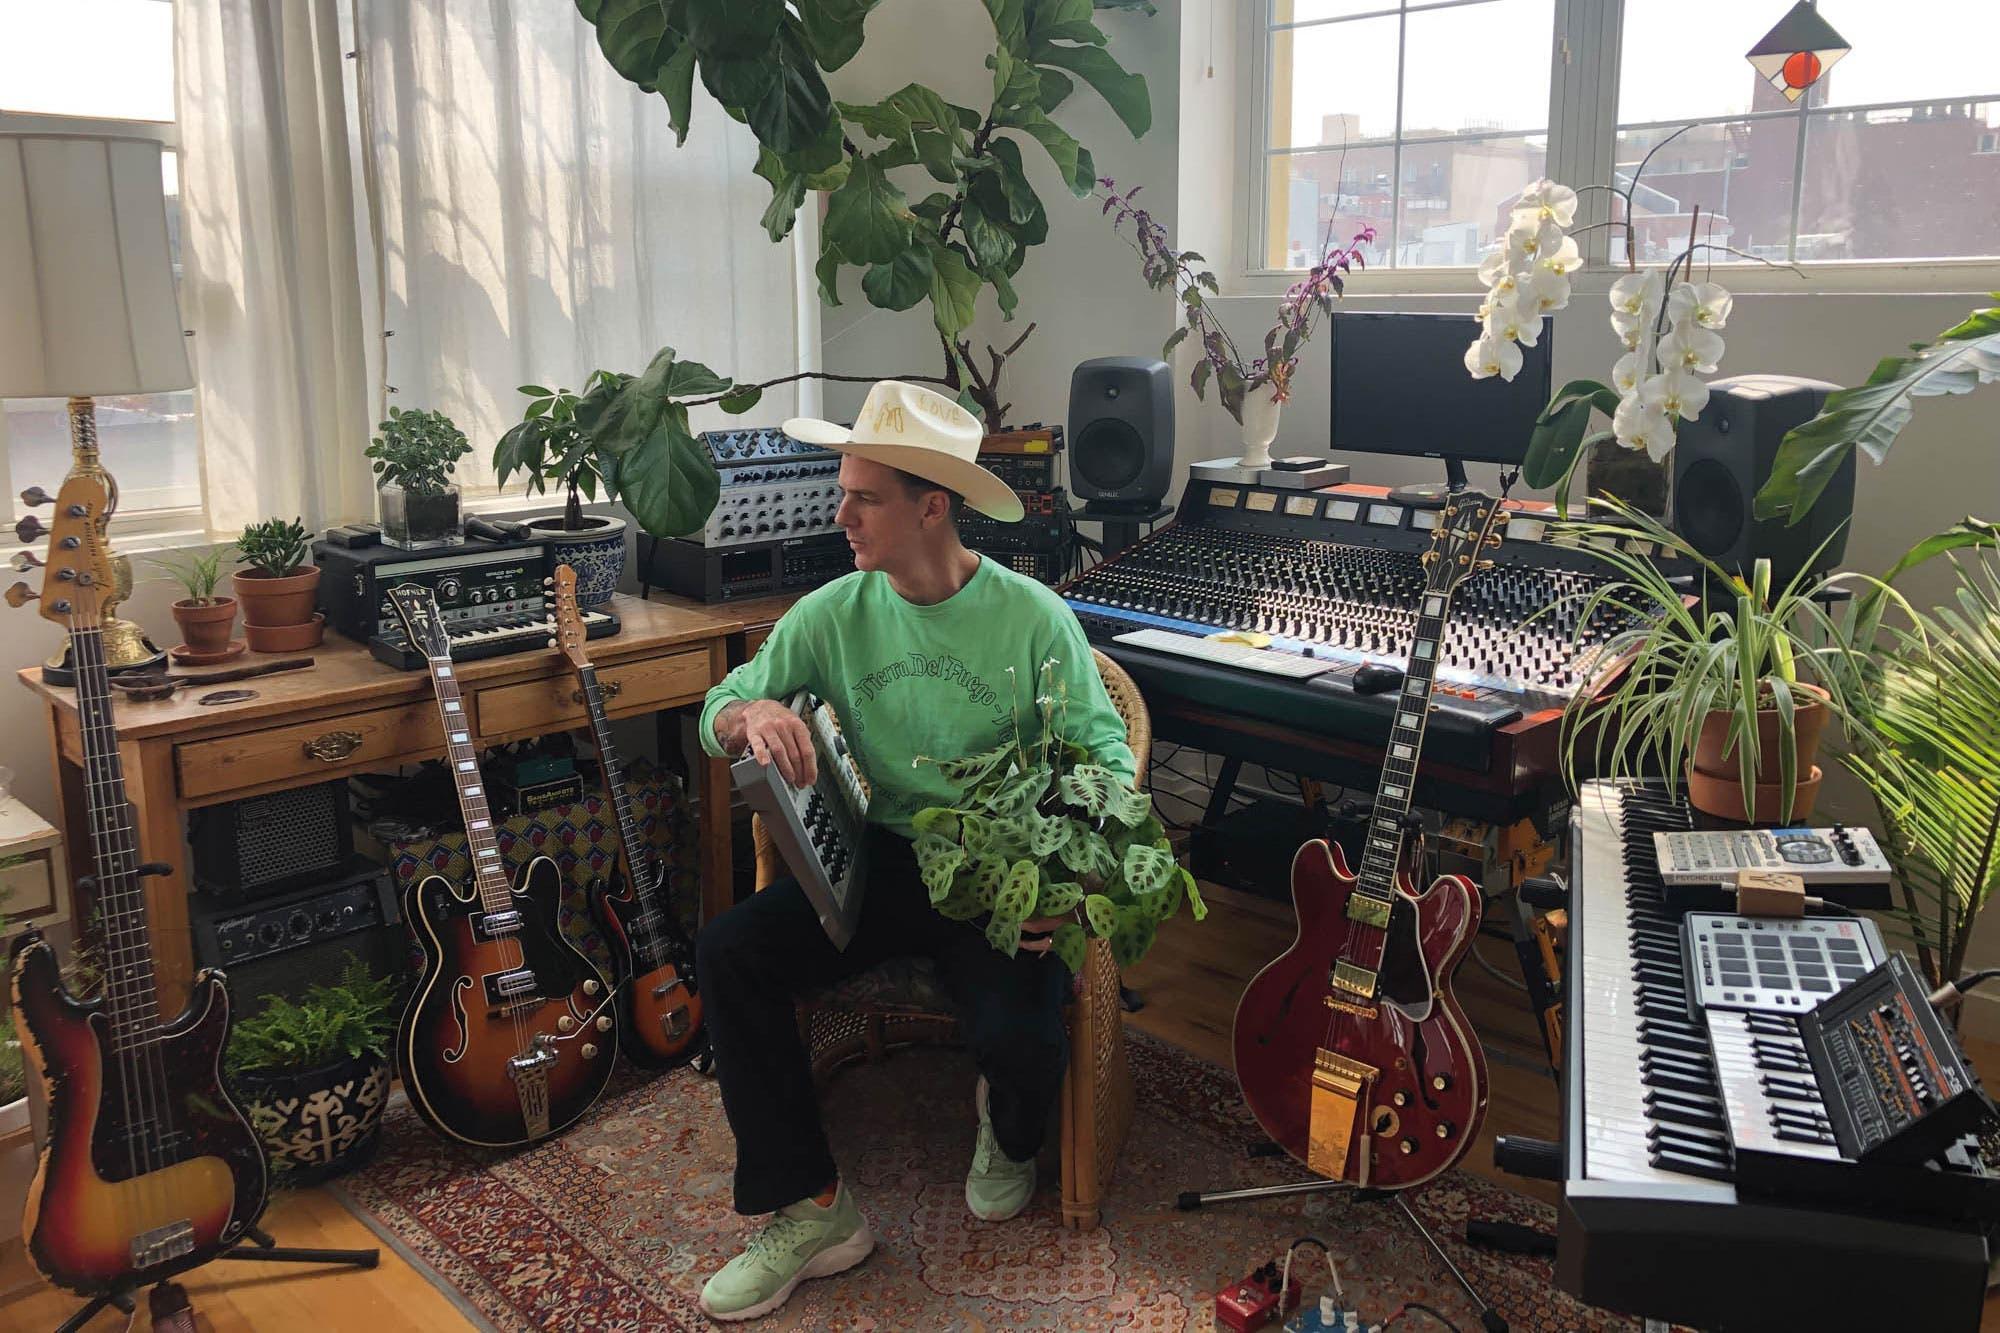 El artista argentino que, con tecnología, capta la energía de las plantas y la convierte en música